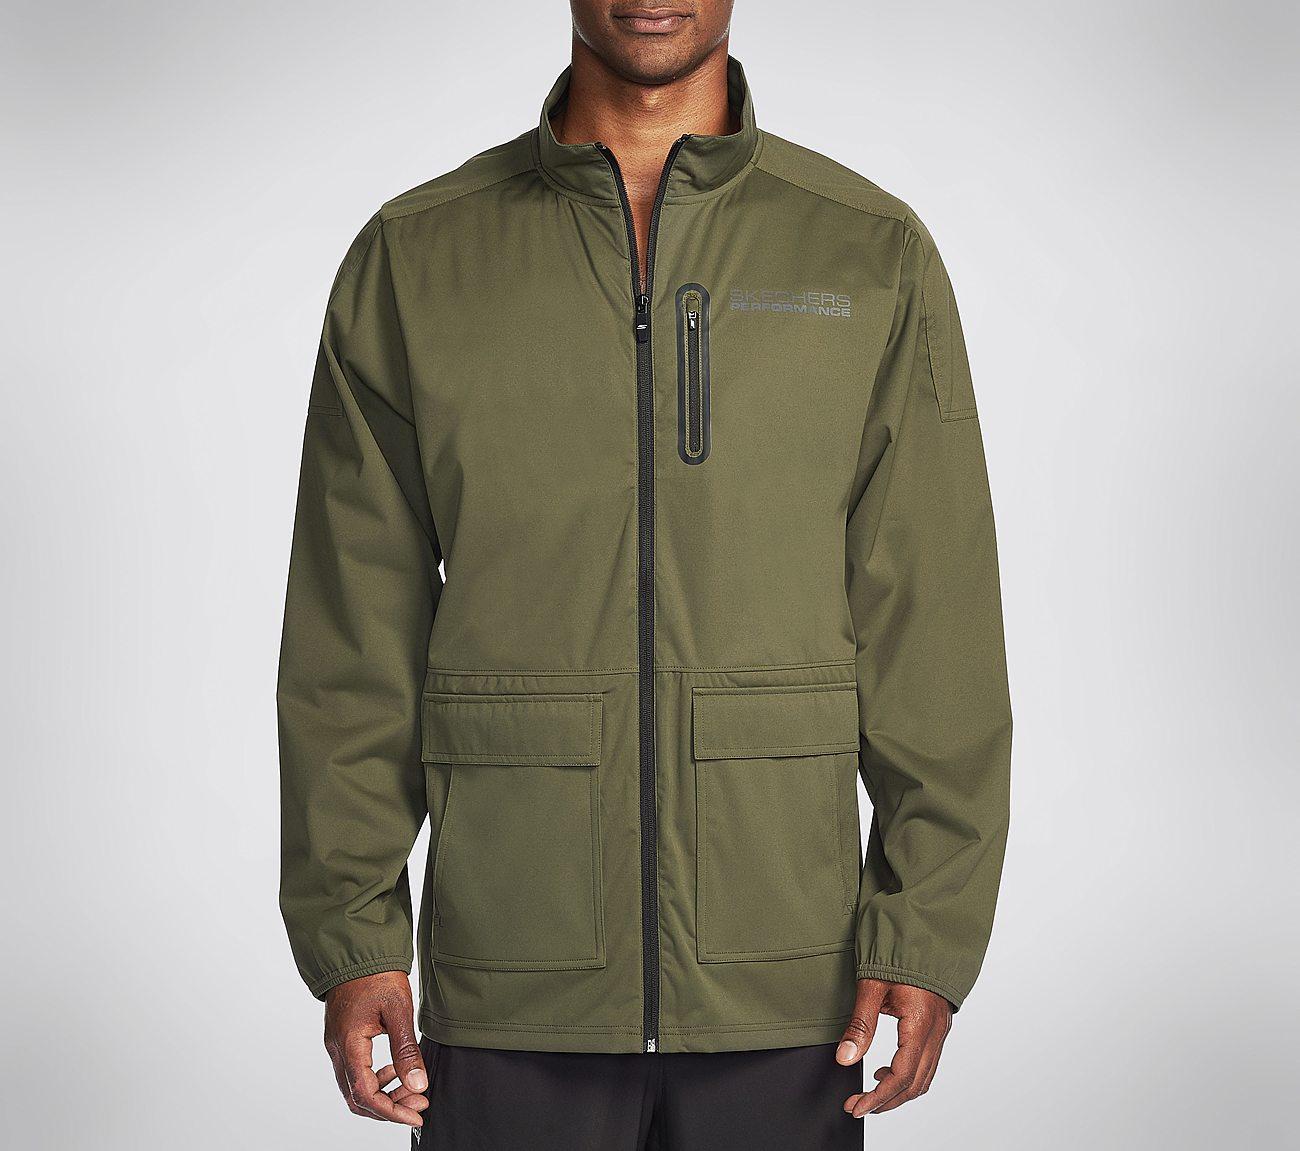 GO Shield Jacket